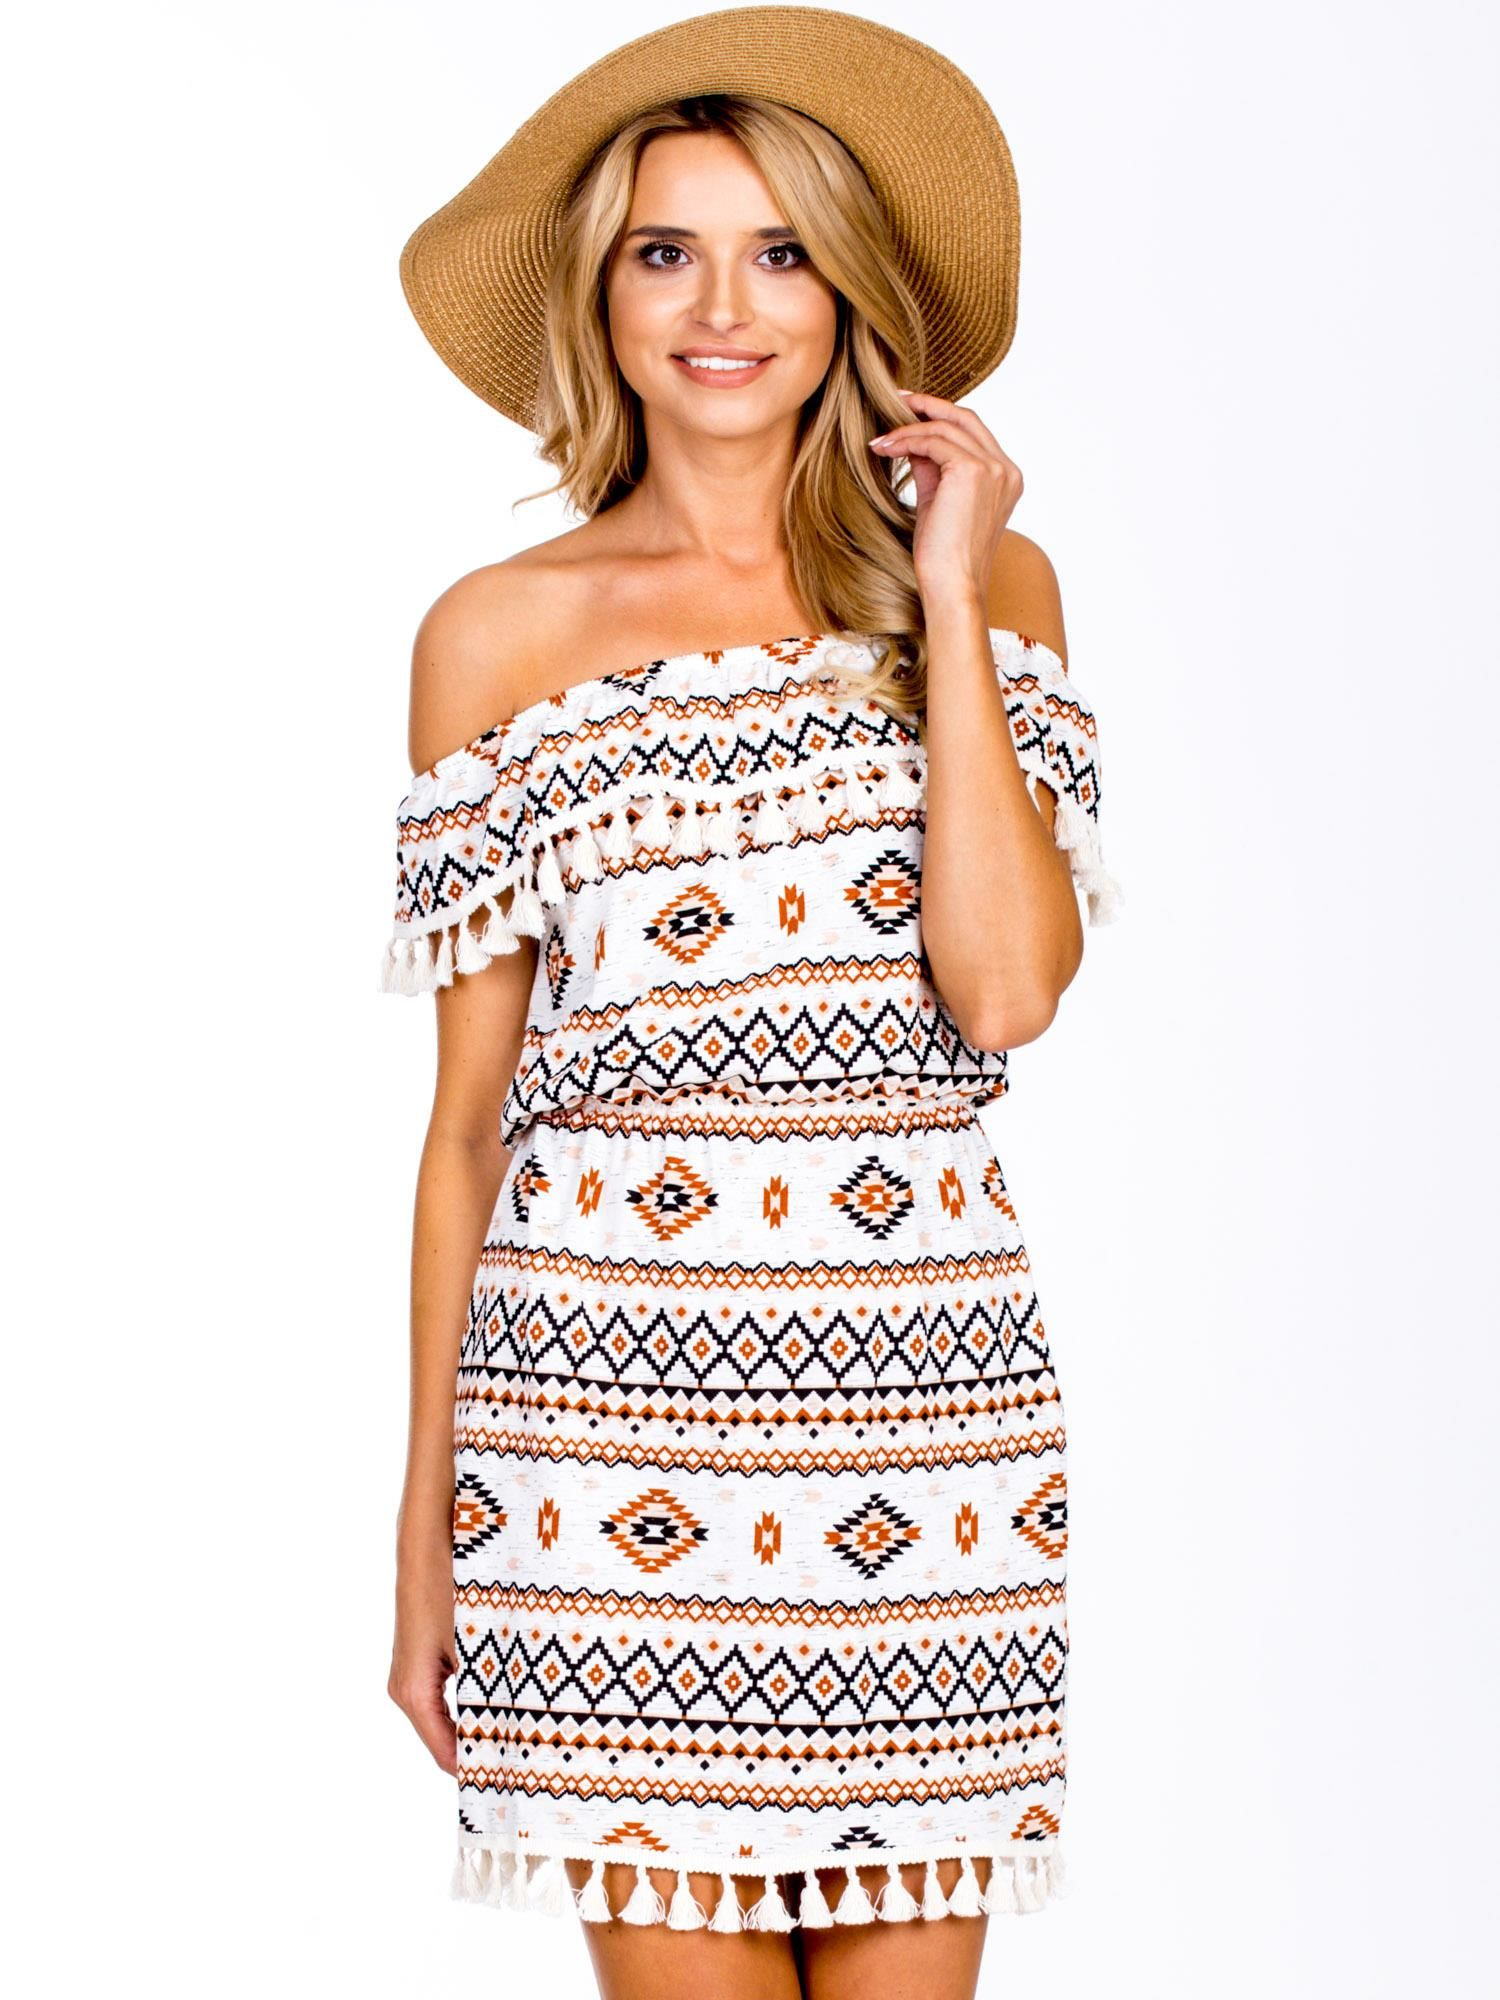 dc77e9ccbc1be5 Ecru-brązowa sukienka hiszpanka w azteckie wzory z pomponikami ...